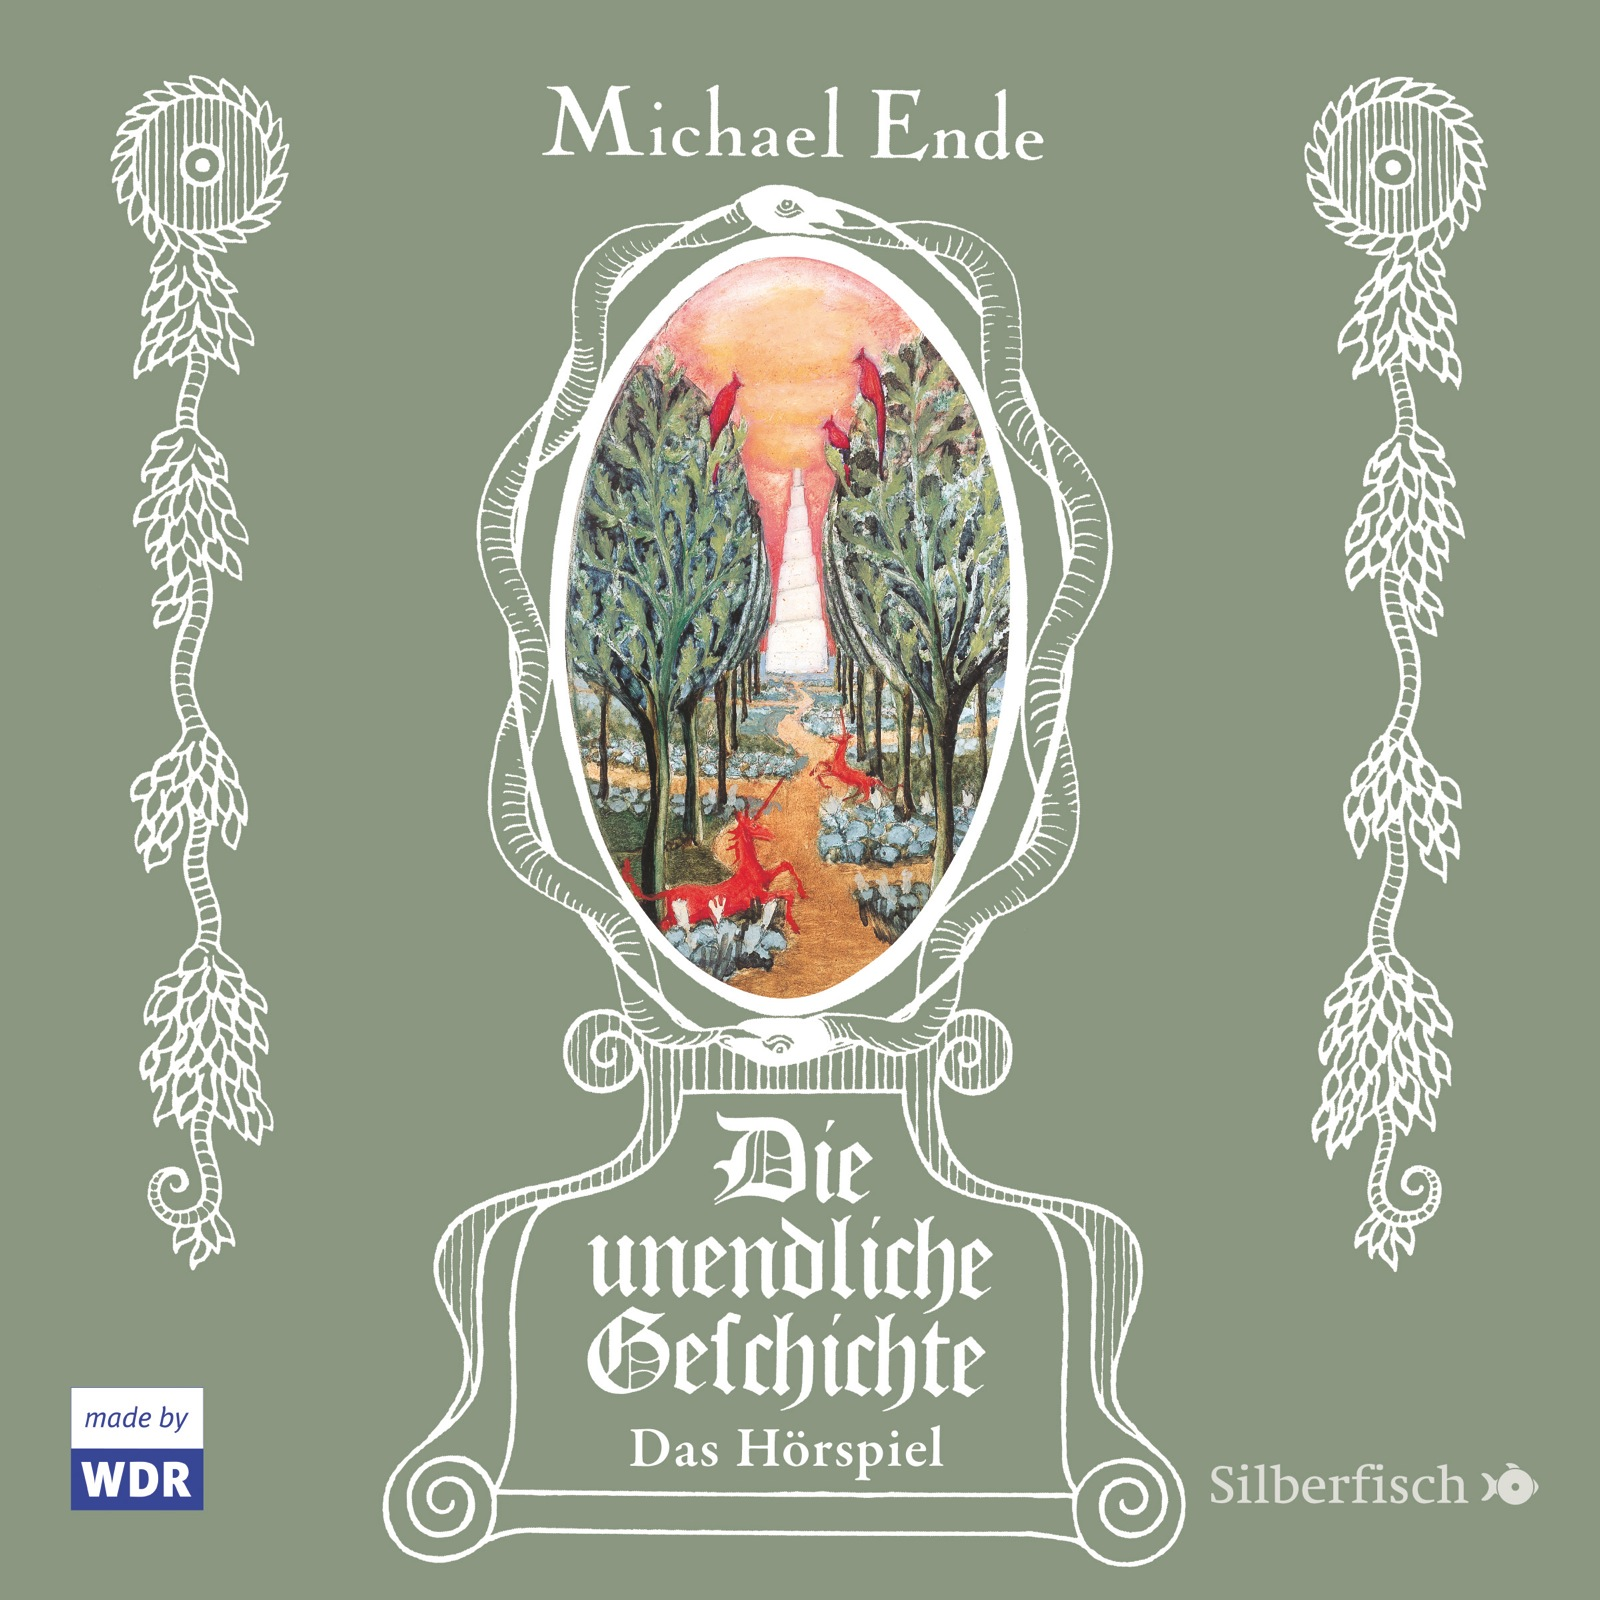 Die unendliche Geschichte - Das Hörspiel - Michael Ende [6 Audio CDs]